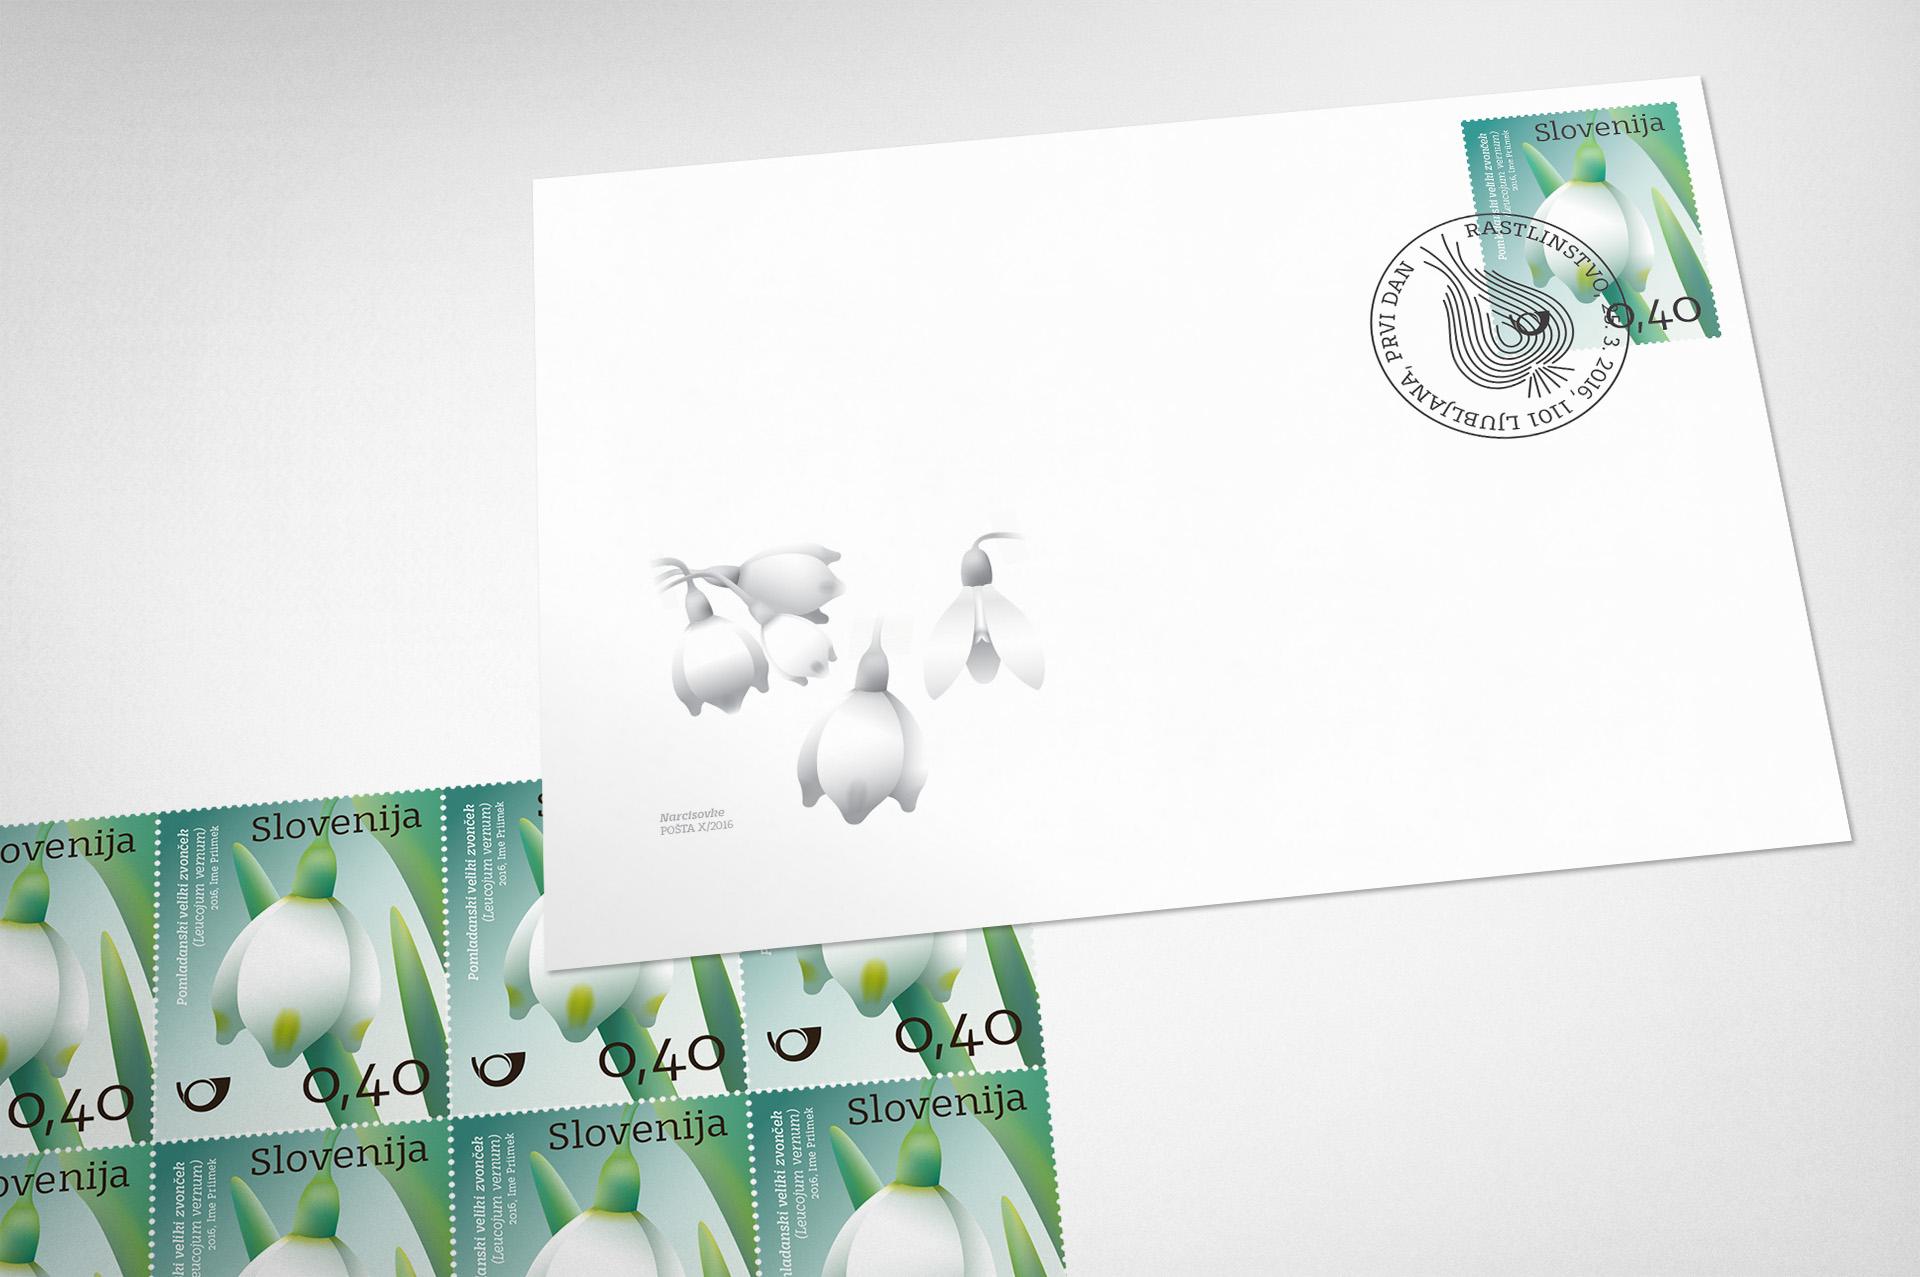 arnoldvuga-narcisovke-znamka-2-jure-kozuh